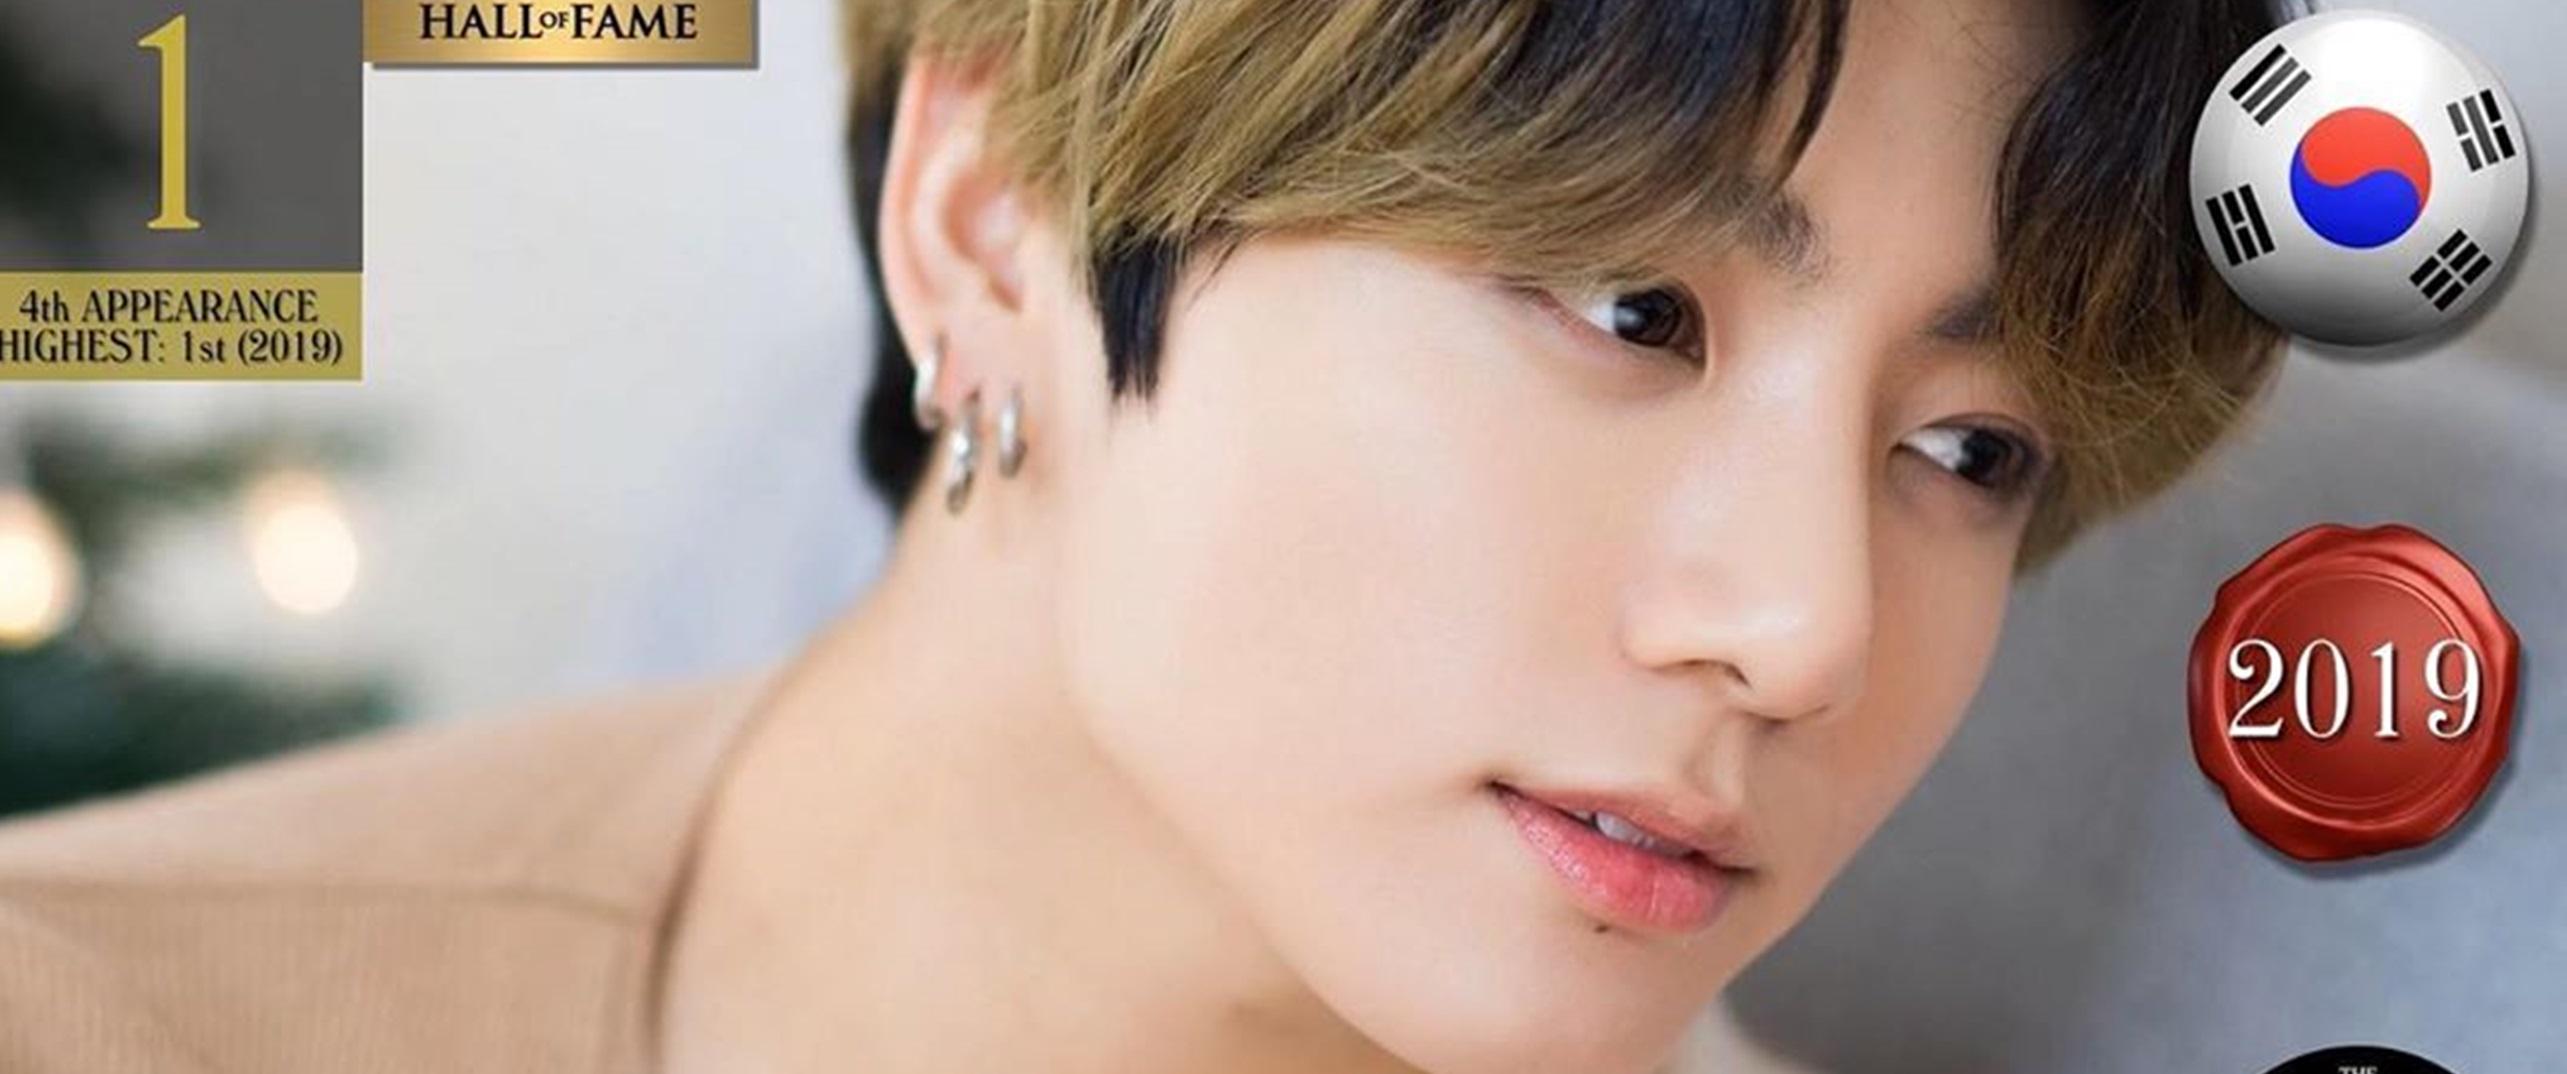 23 Seleb Korea Pria tertampan 2019, didominasi idol K-pop